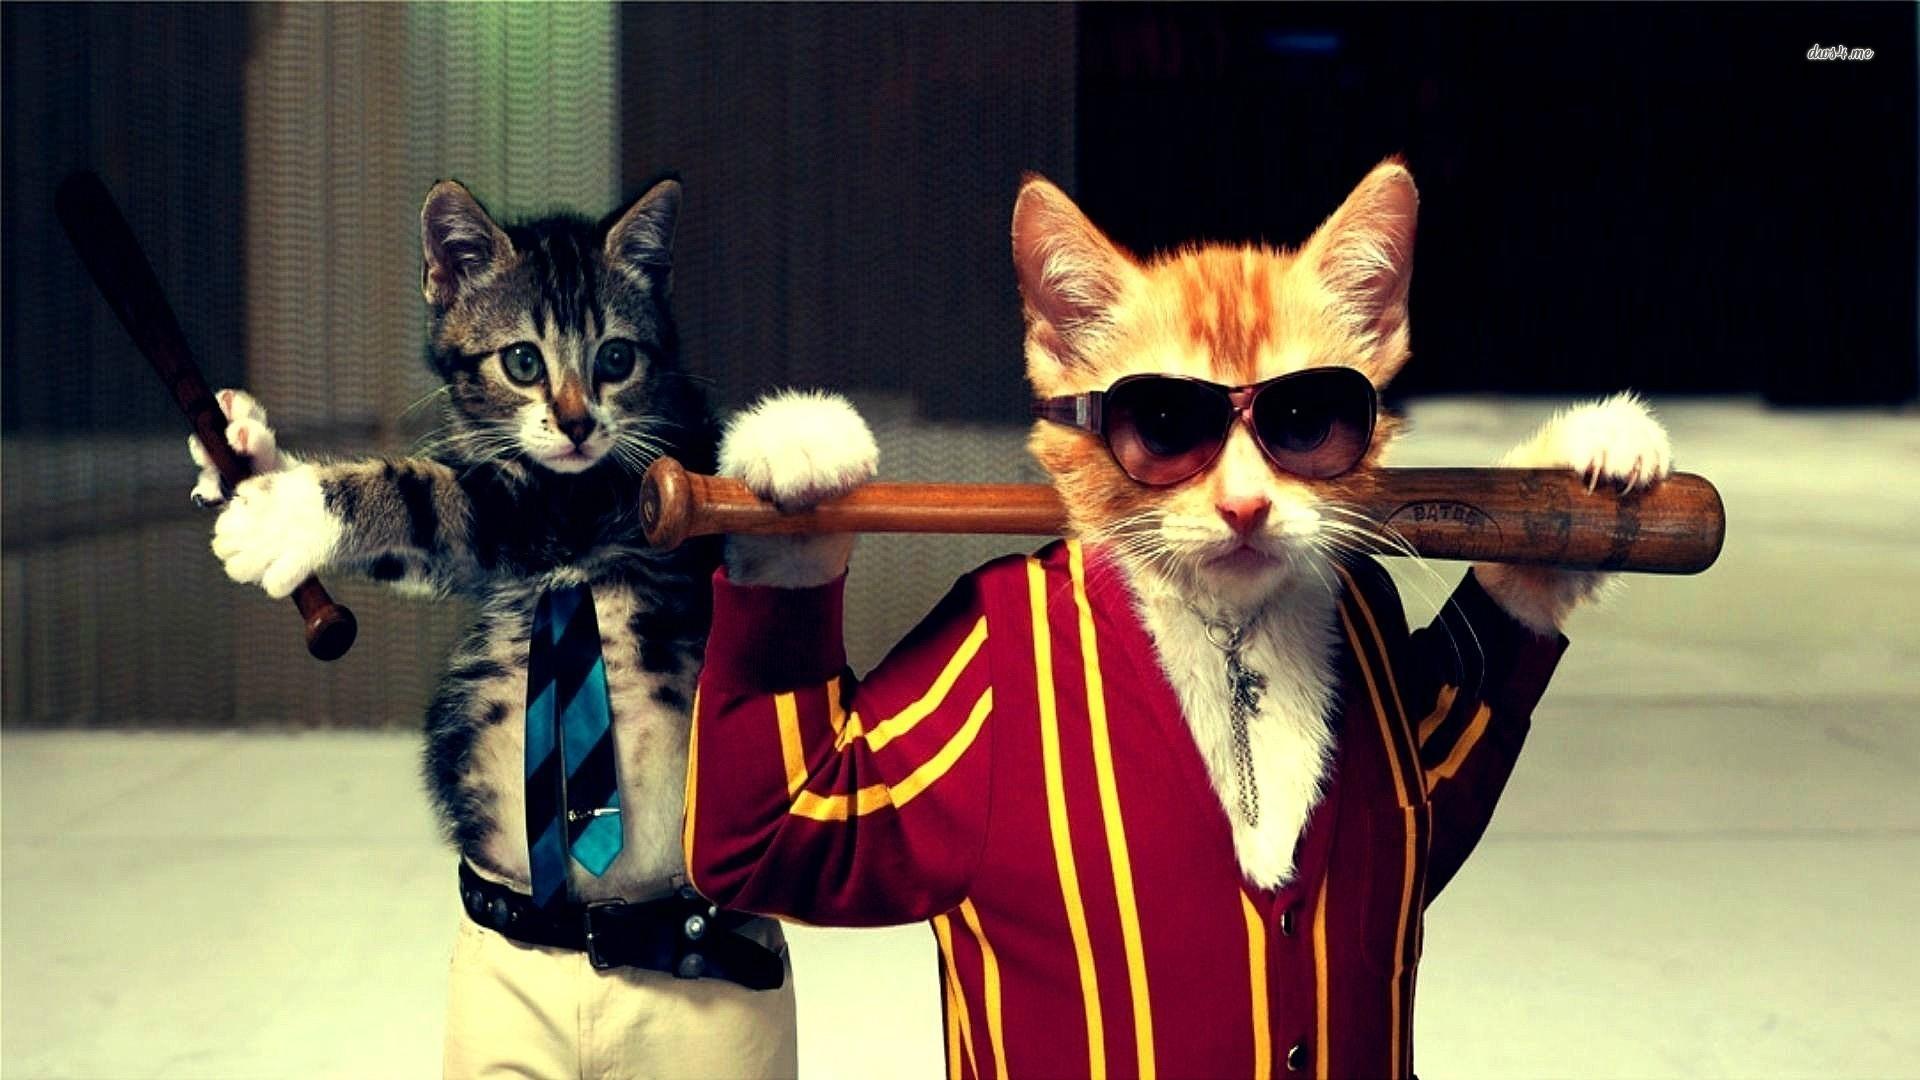 Cats Art Funny #Wallpaper